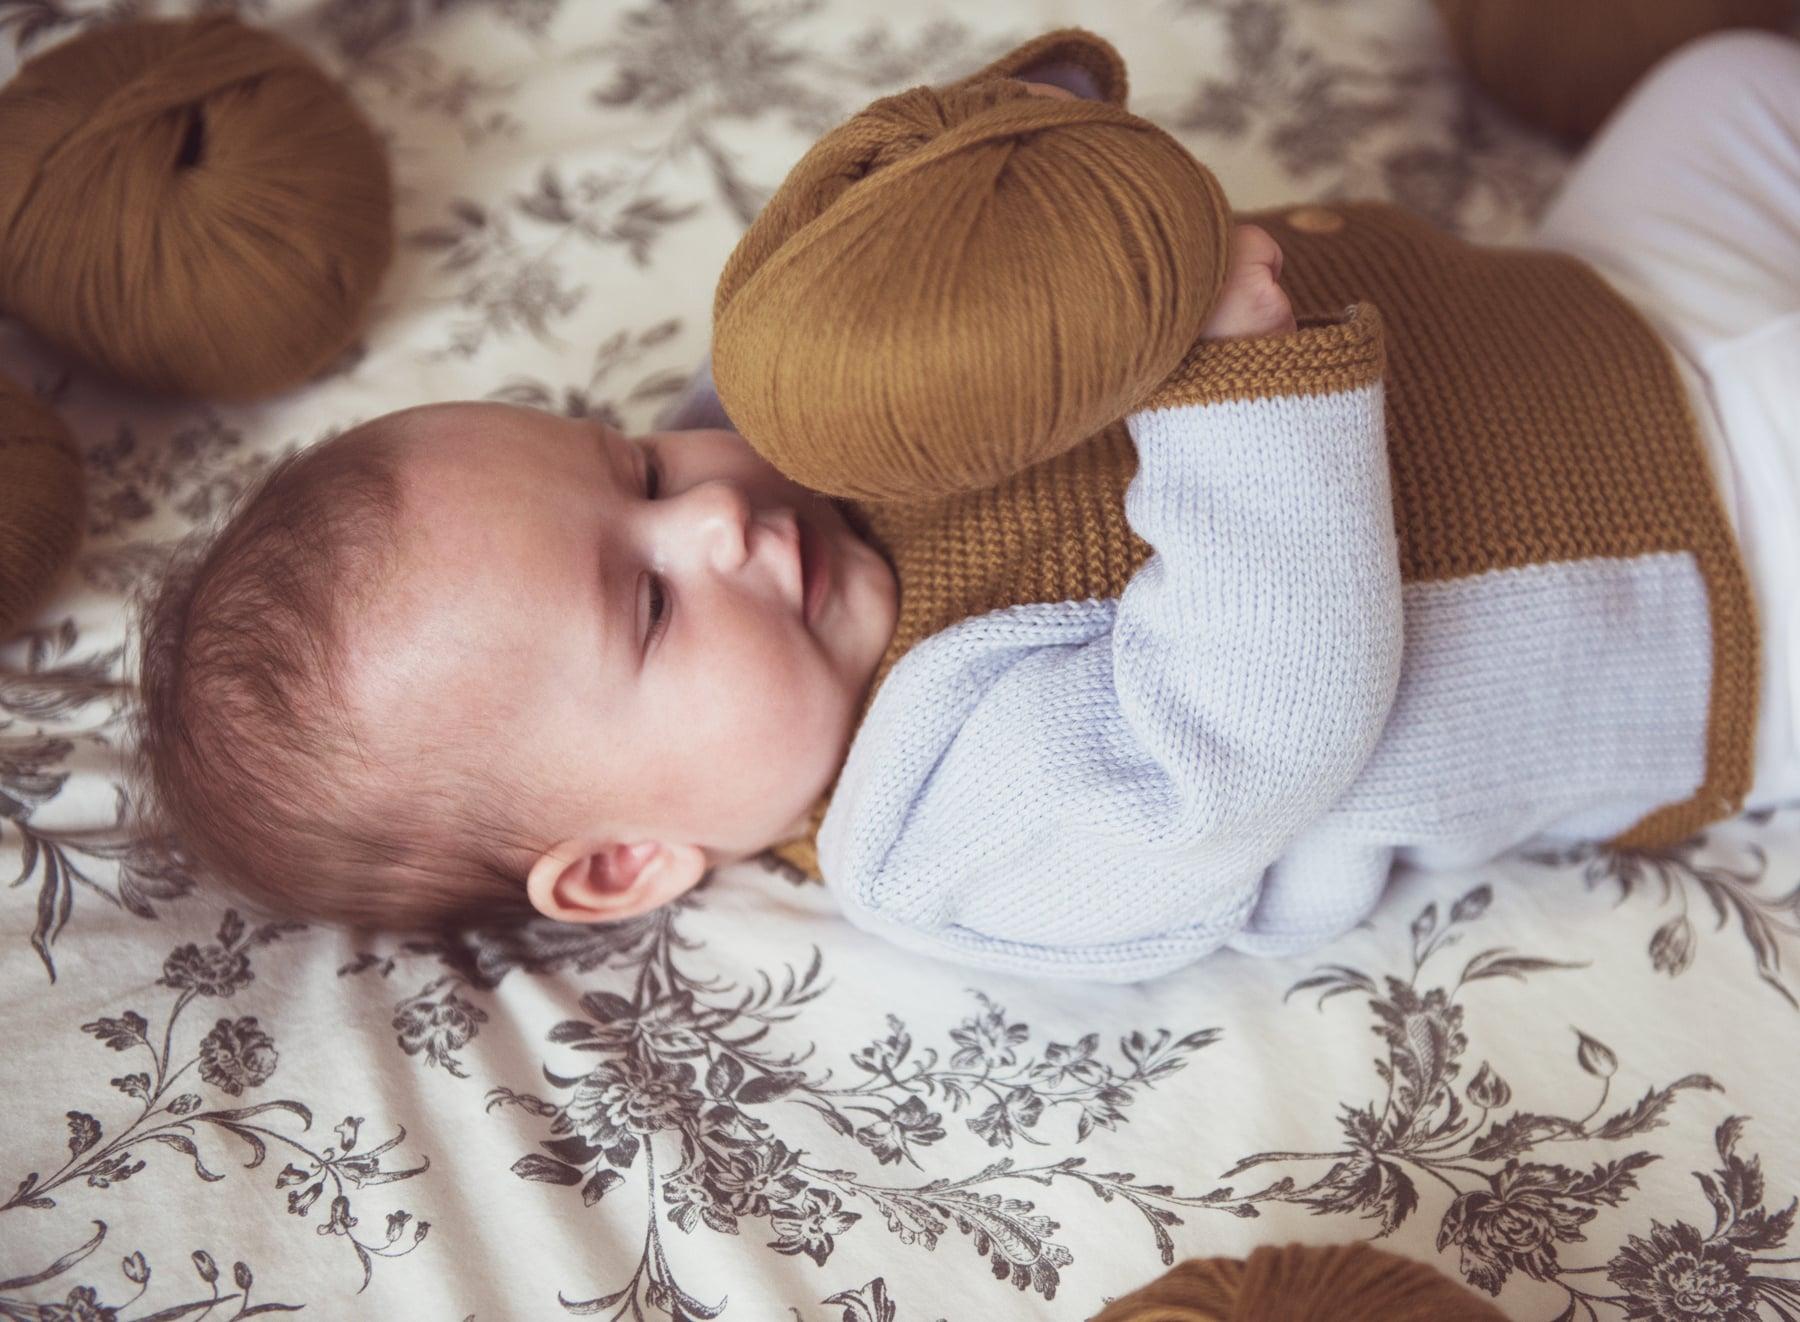 Bébé habillé par Mistricotine sur Prends en Soin